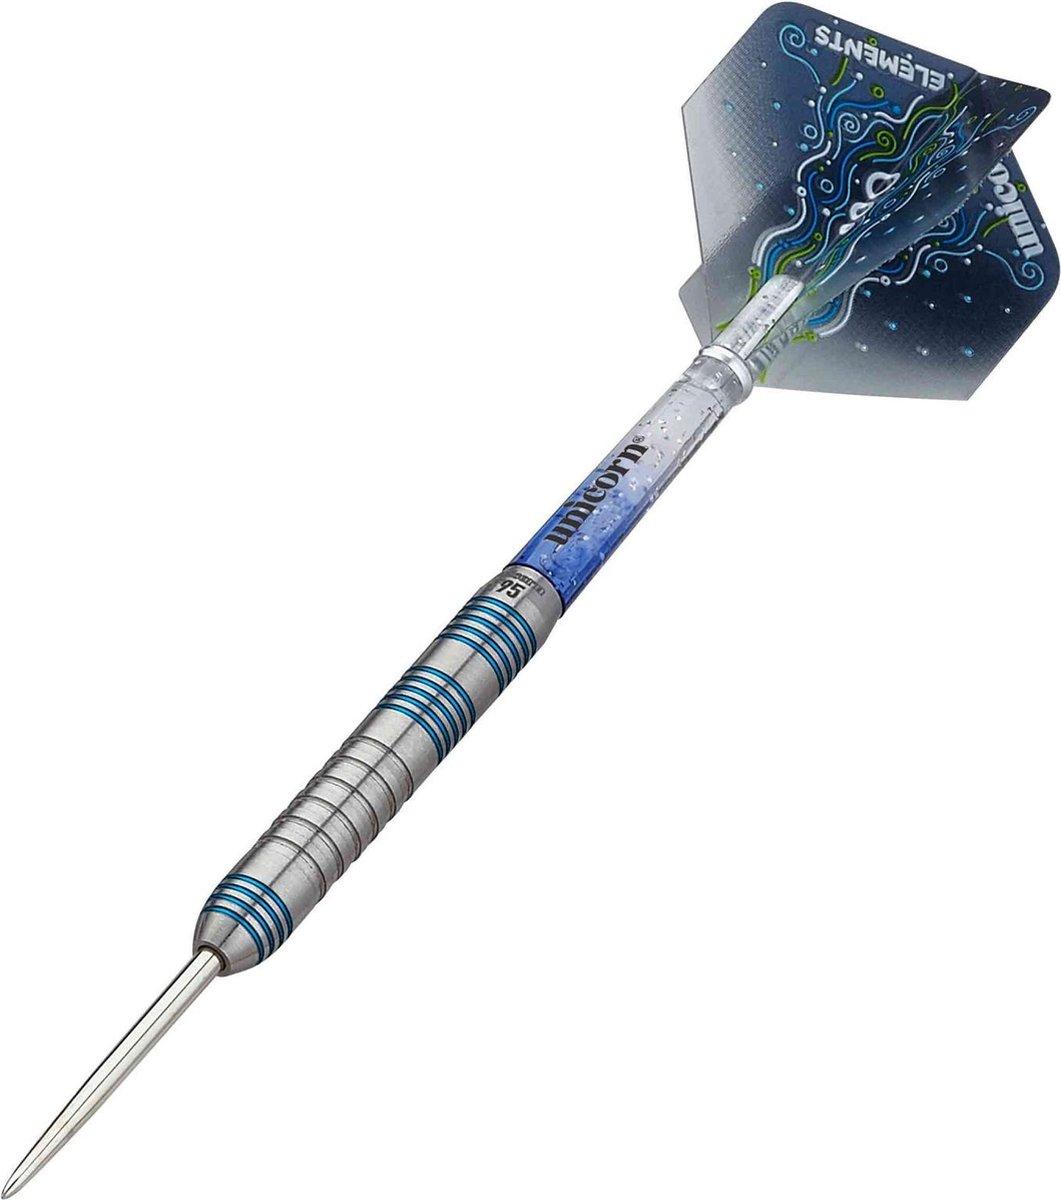 Unicorn Dartpijlen Core Xl T95 Steeltip 21g Tungsten Zilver